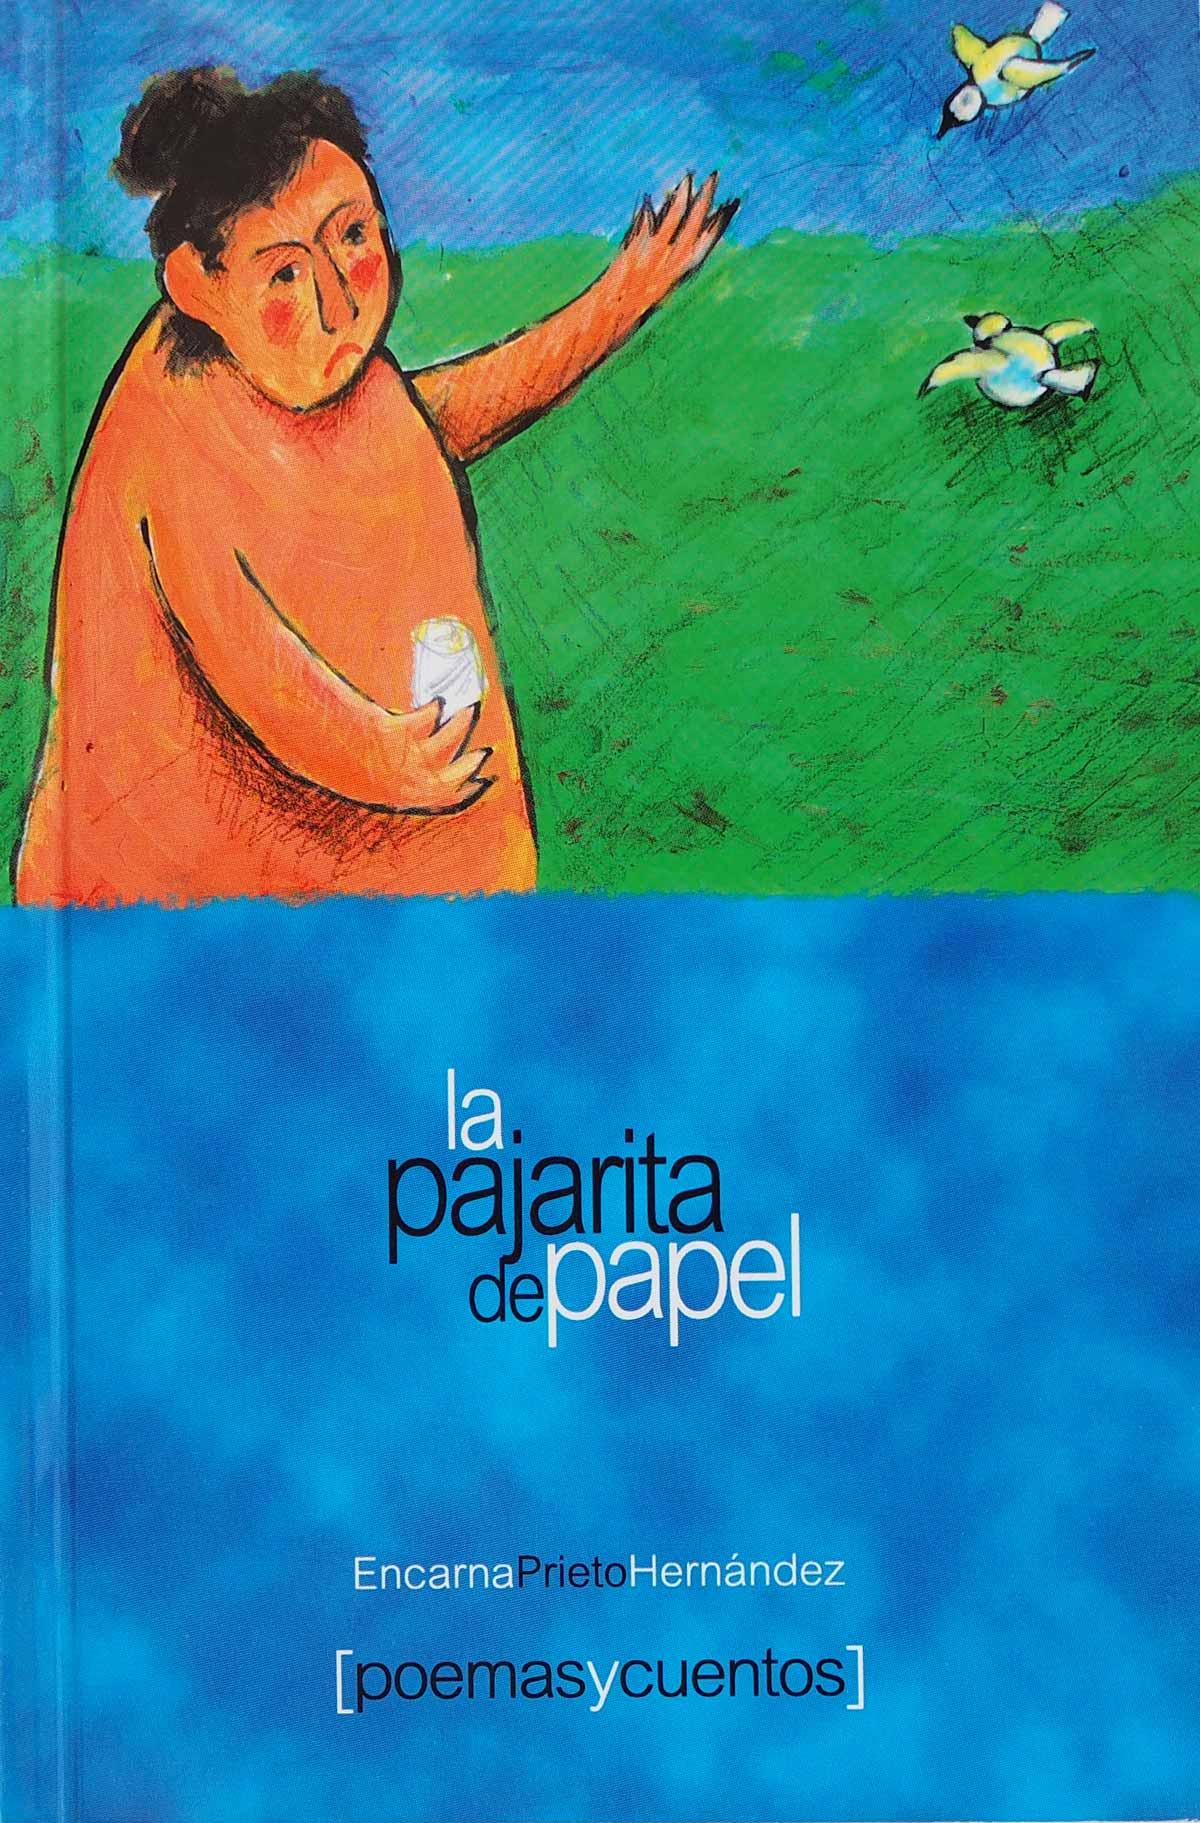 editorial semuret pajarita papel Encarna Prieto Hernández